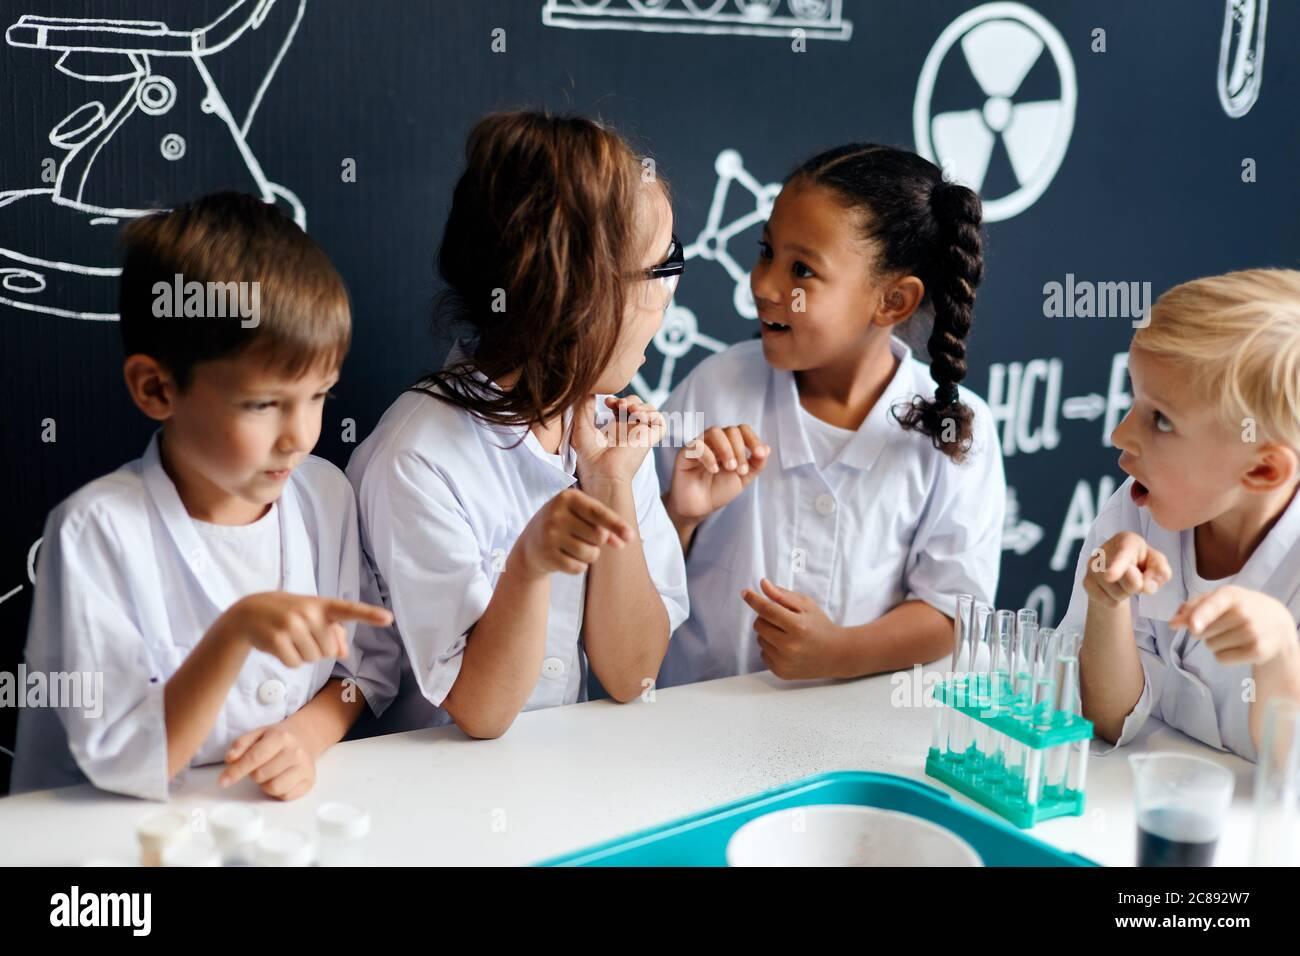 Grupo de niños multirraciales diversos en ropa blanca científica haciendo experimentos científicos con reactivos en el laboratorio, sorprendiéndose y asombrándose Foto de stock